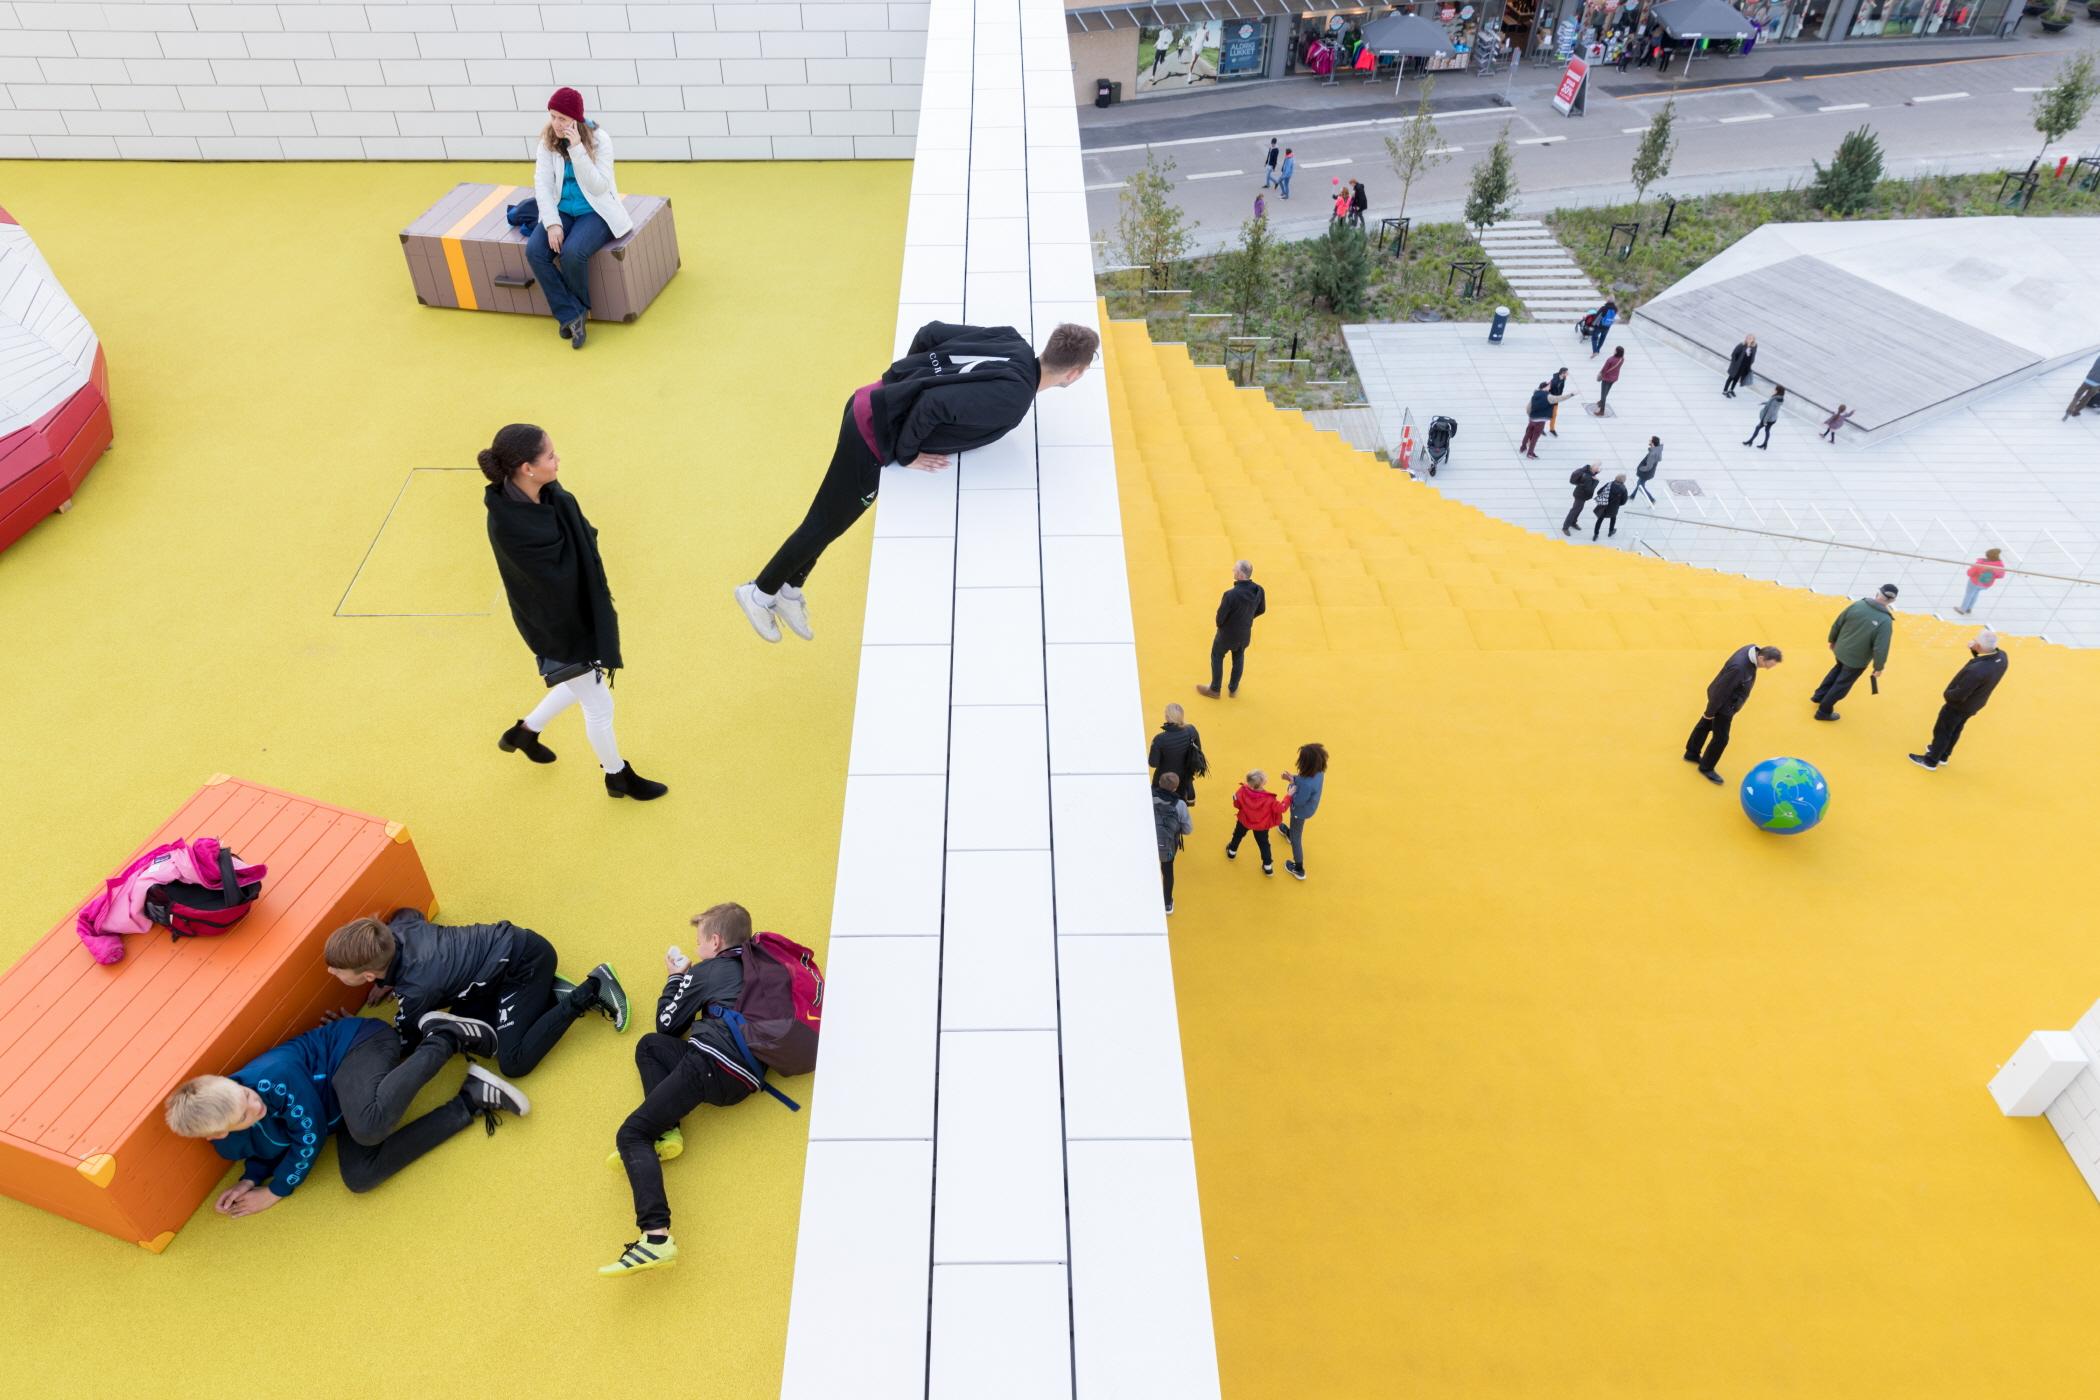 〔안정원의 디자인 칼럼〕 레고 문화의 발전적 미래상을 제시한 열린 공공 문화센터의 장 2